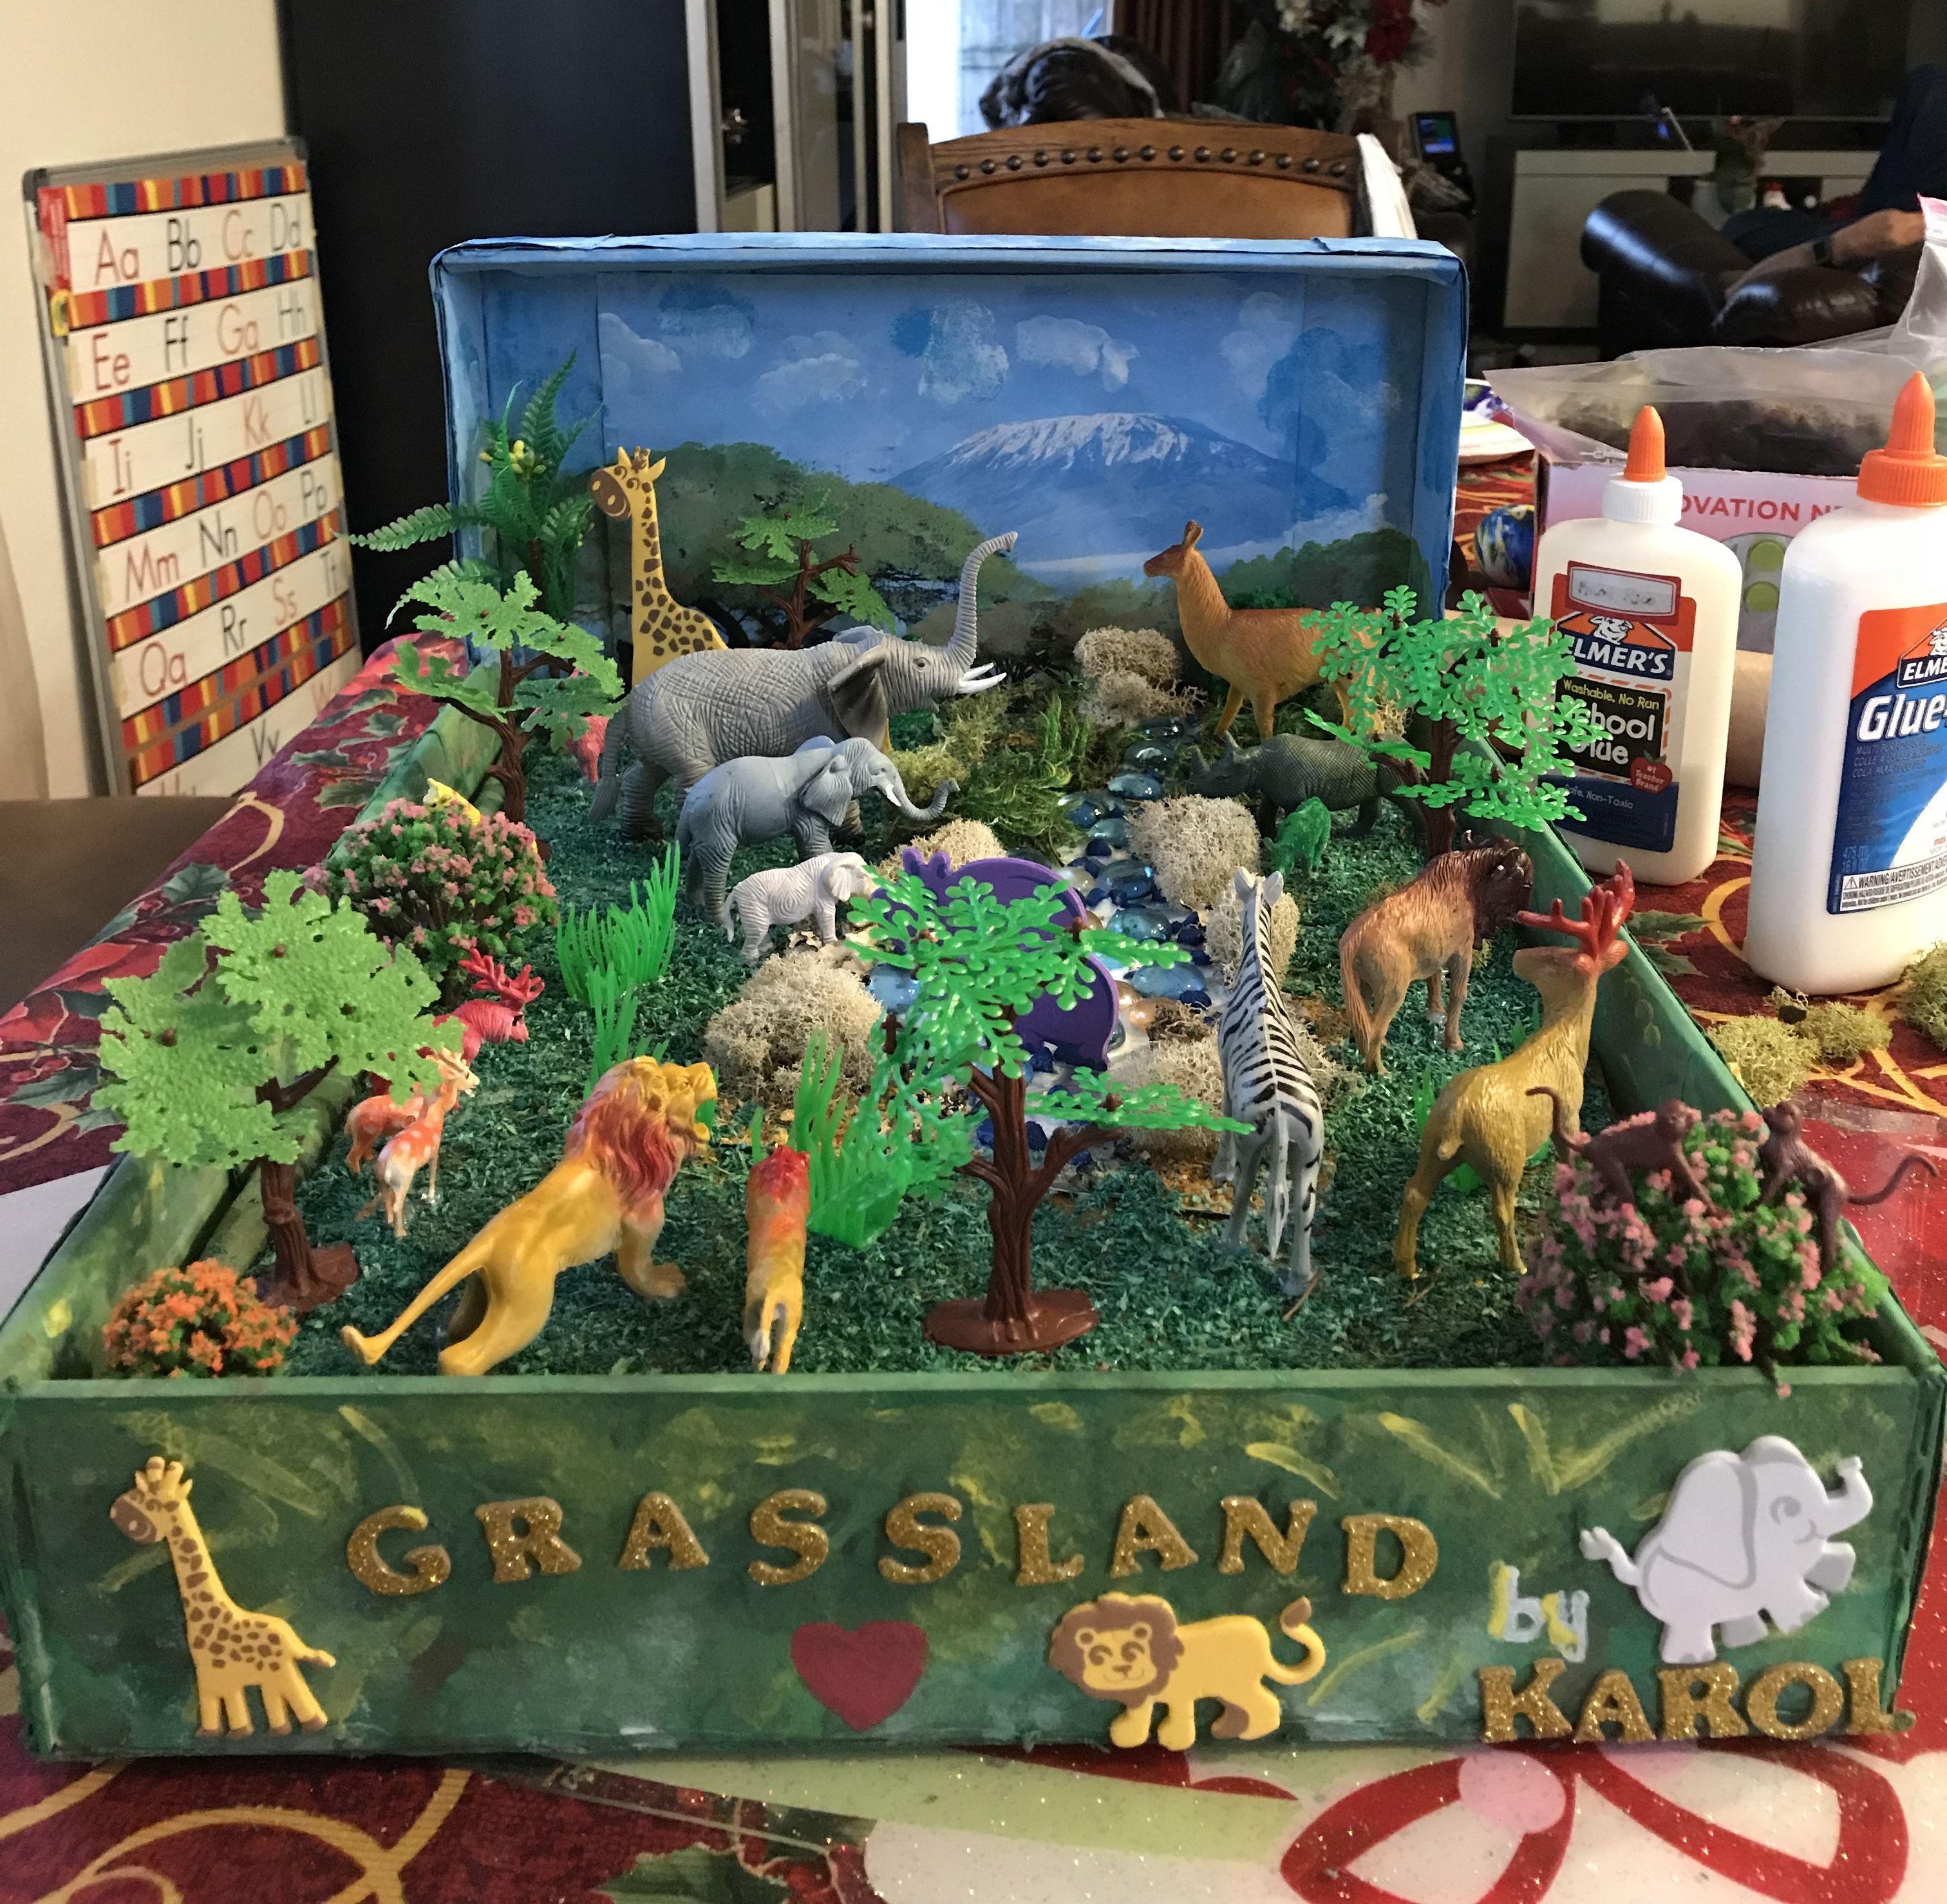 Kids Diorama With Details: Our Grassland Diorama